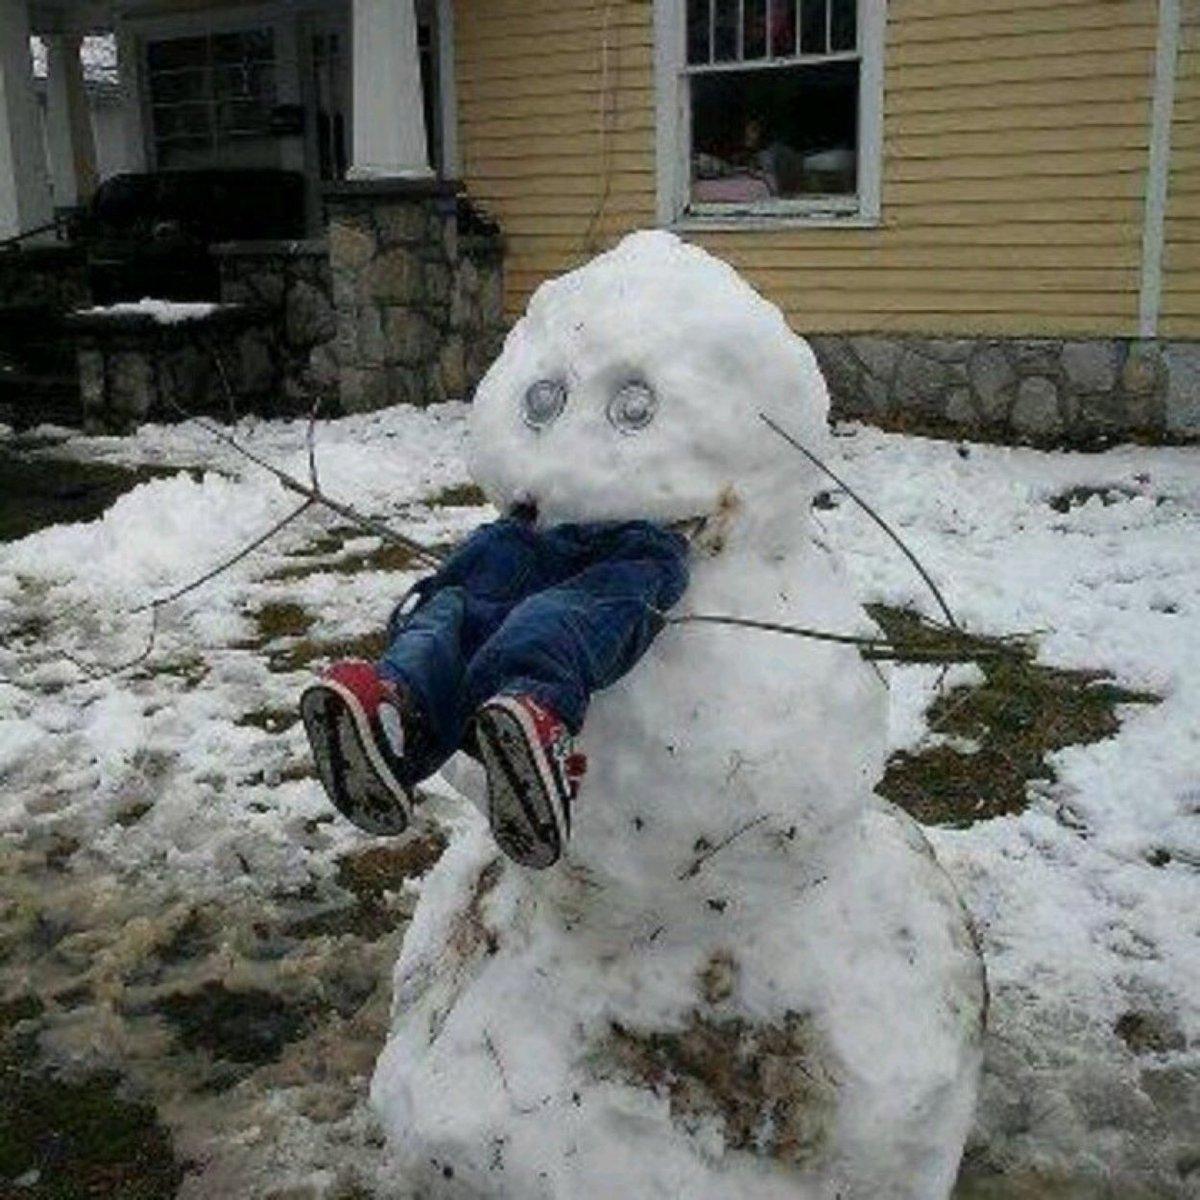 Snowman revenge ⛄️